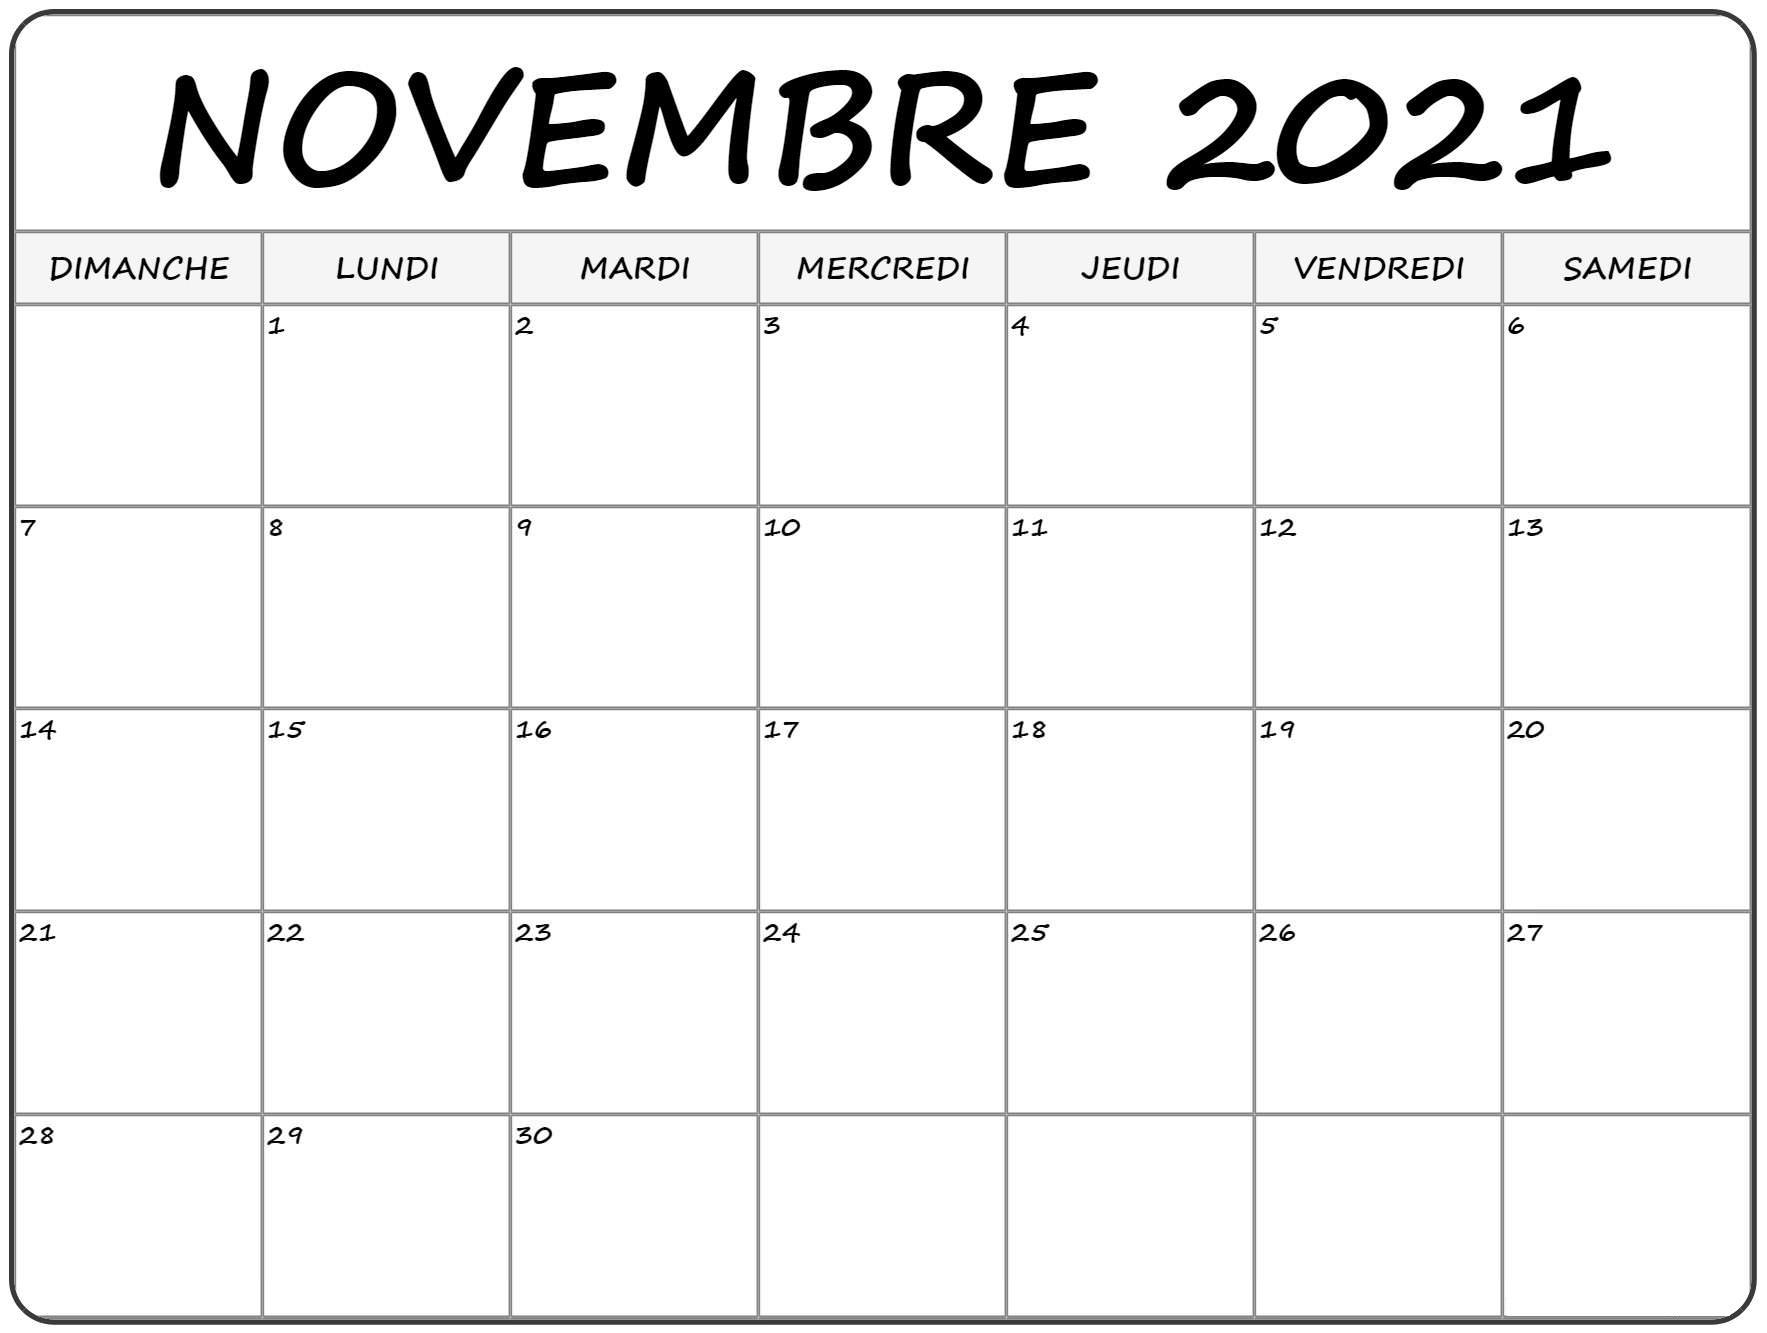 Calendrier Novembre 2021 à imprimer: Calendrier Novembre Vacances